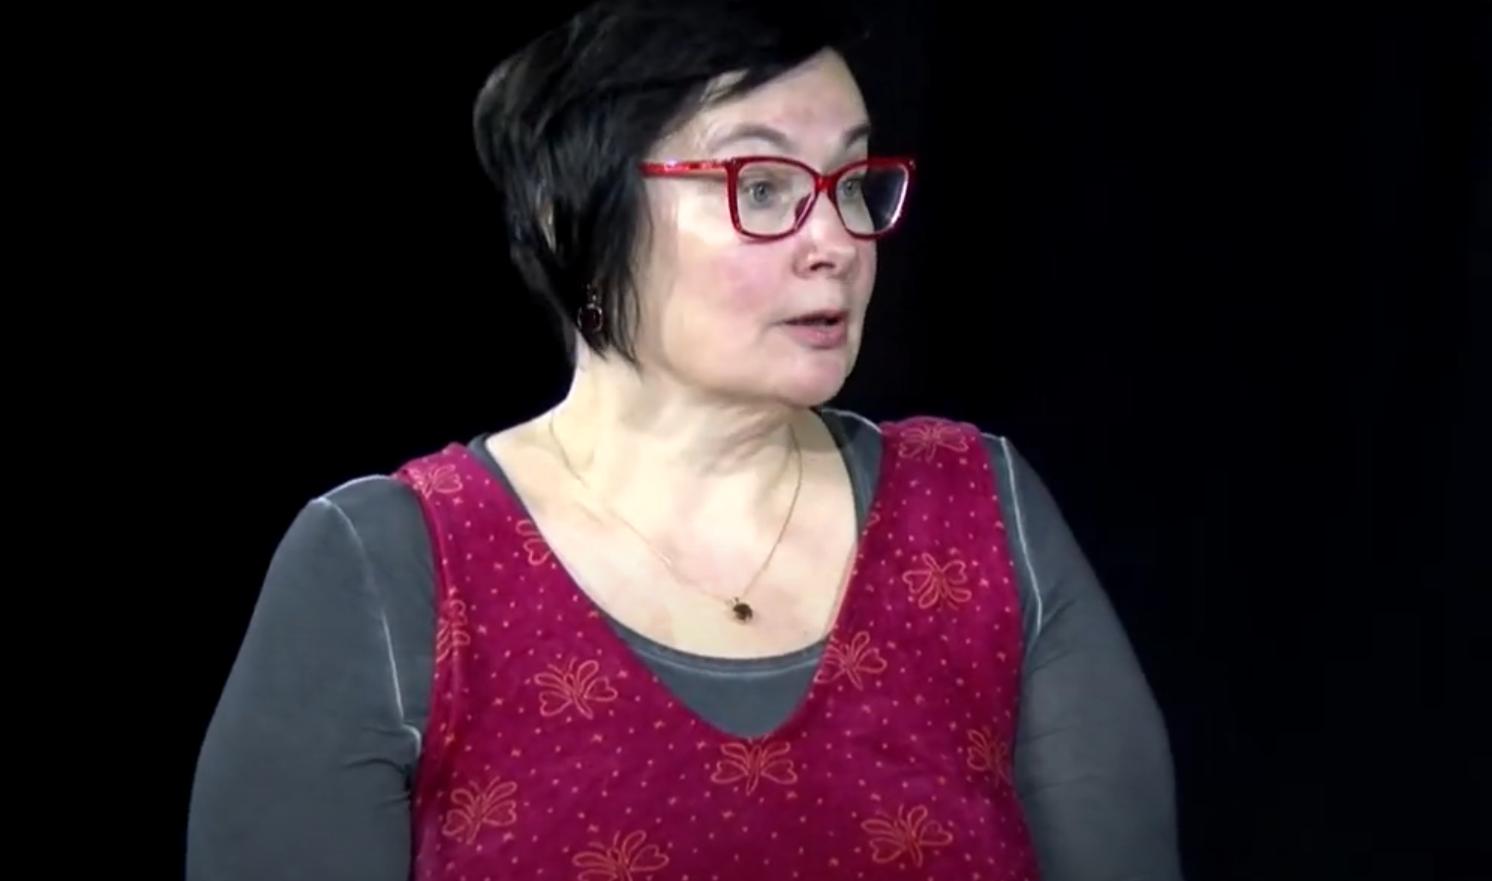 ВИДЕО: Катри Райк: Главные события Нарвы